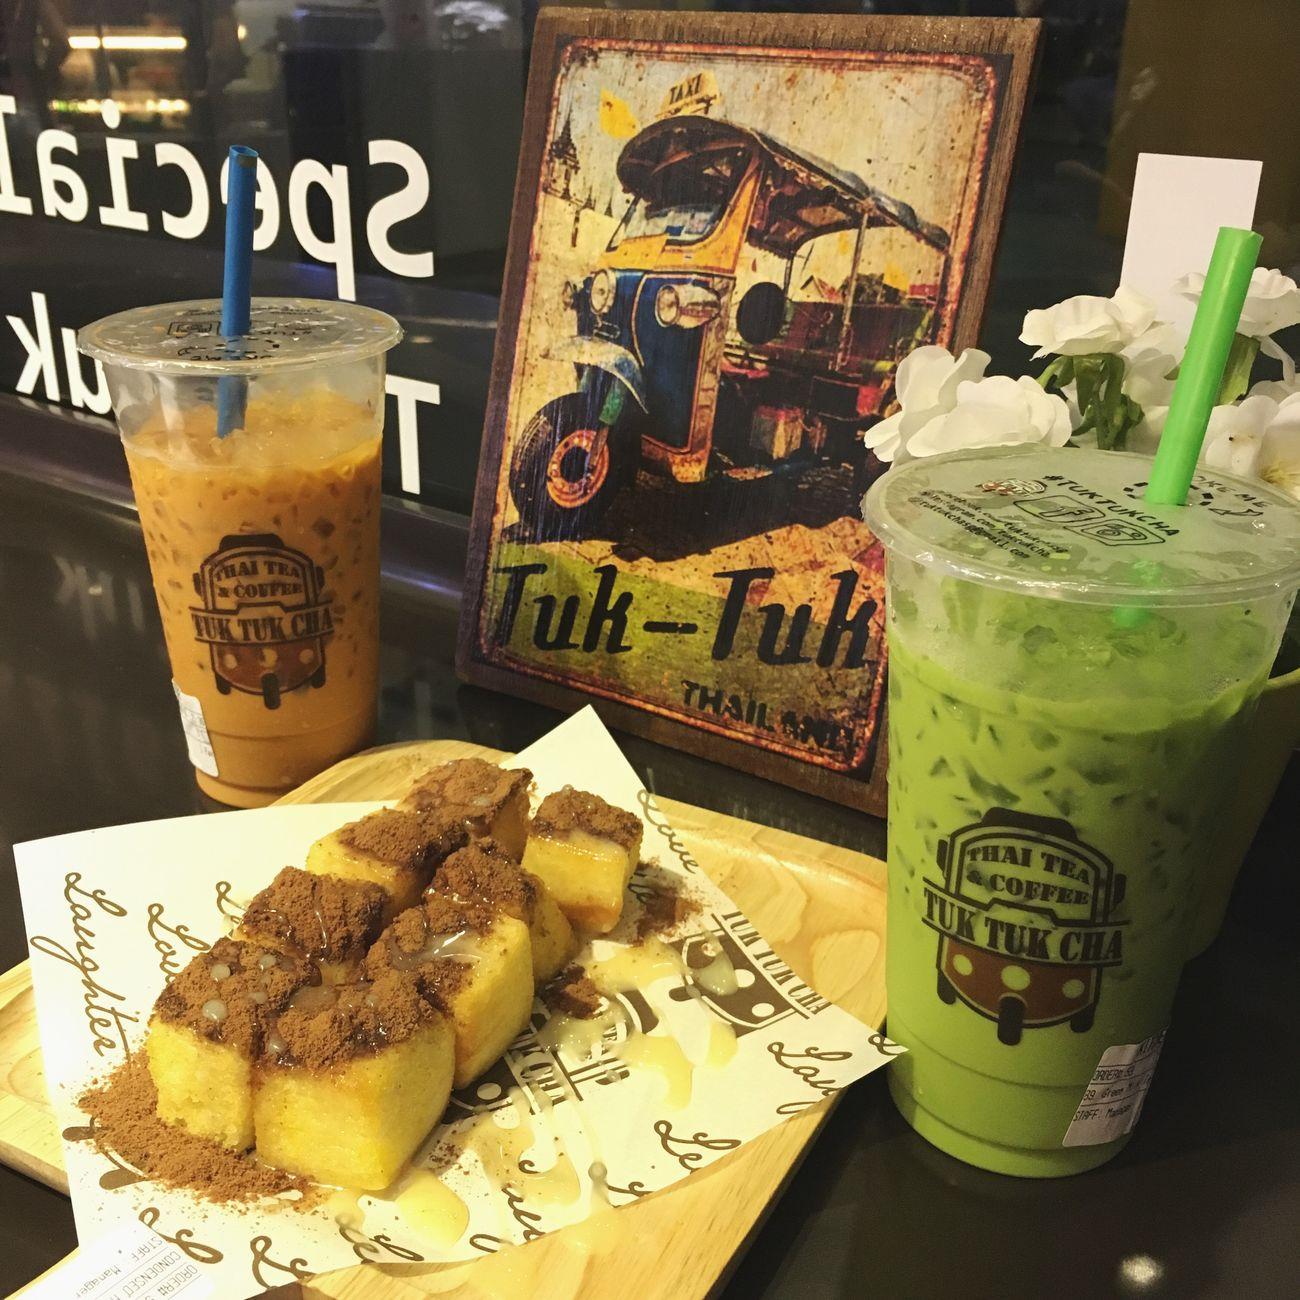 Things I Like Thai Iced Milk Tea Thai Iced Green Milk Tea Condensed Milk Toast With Milo Powder